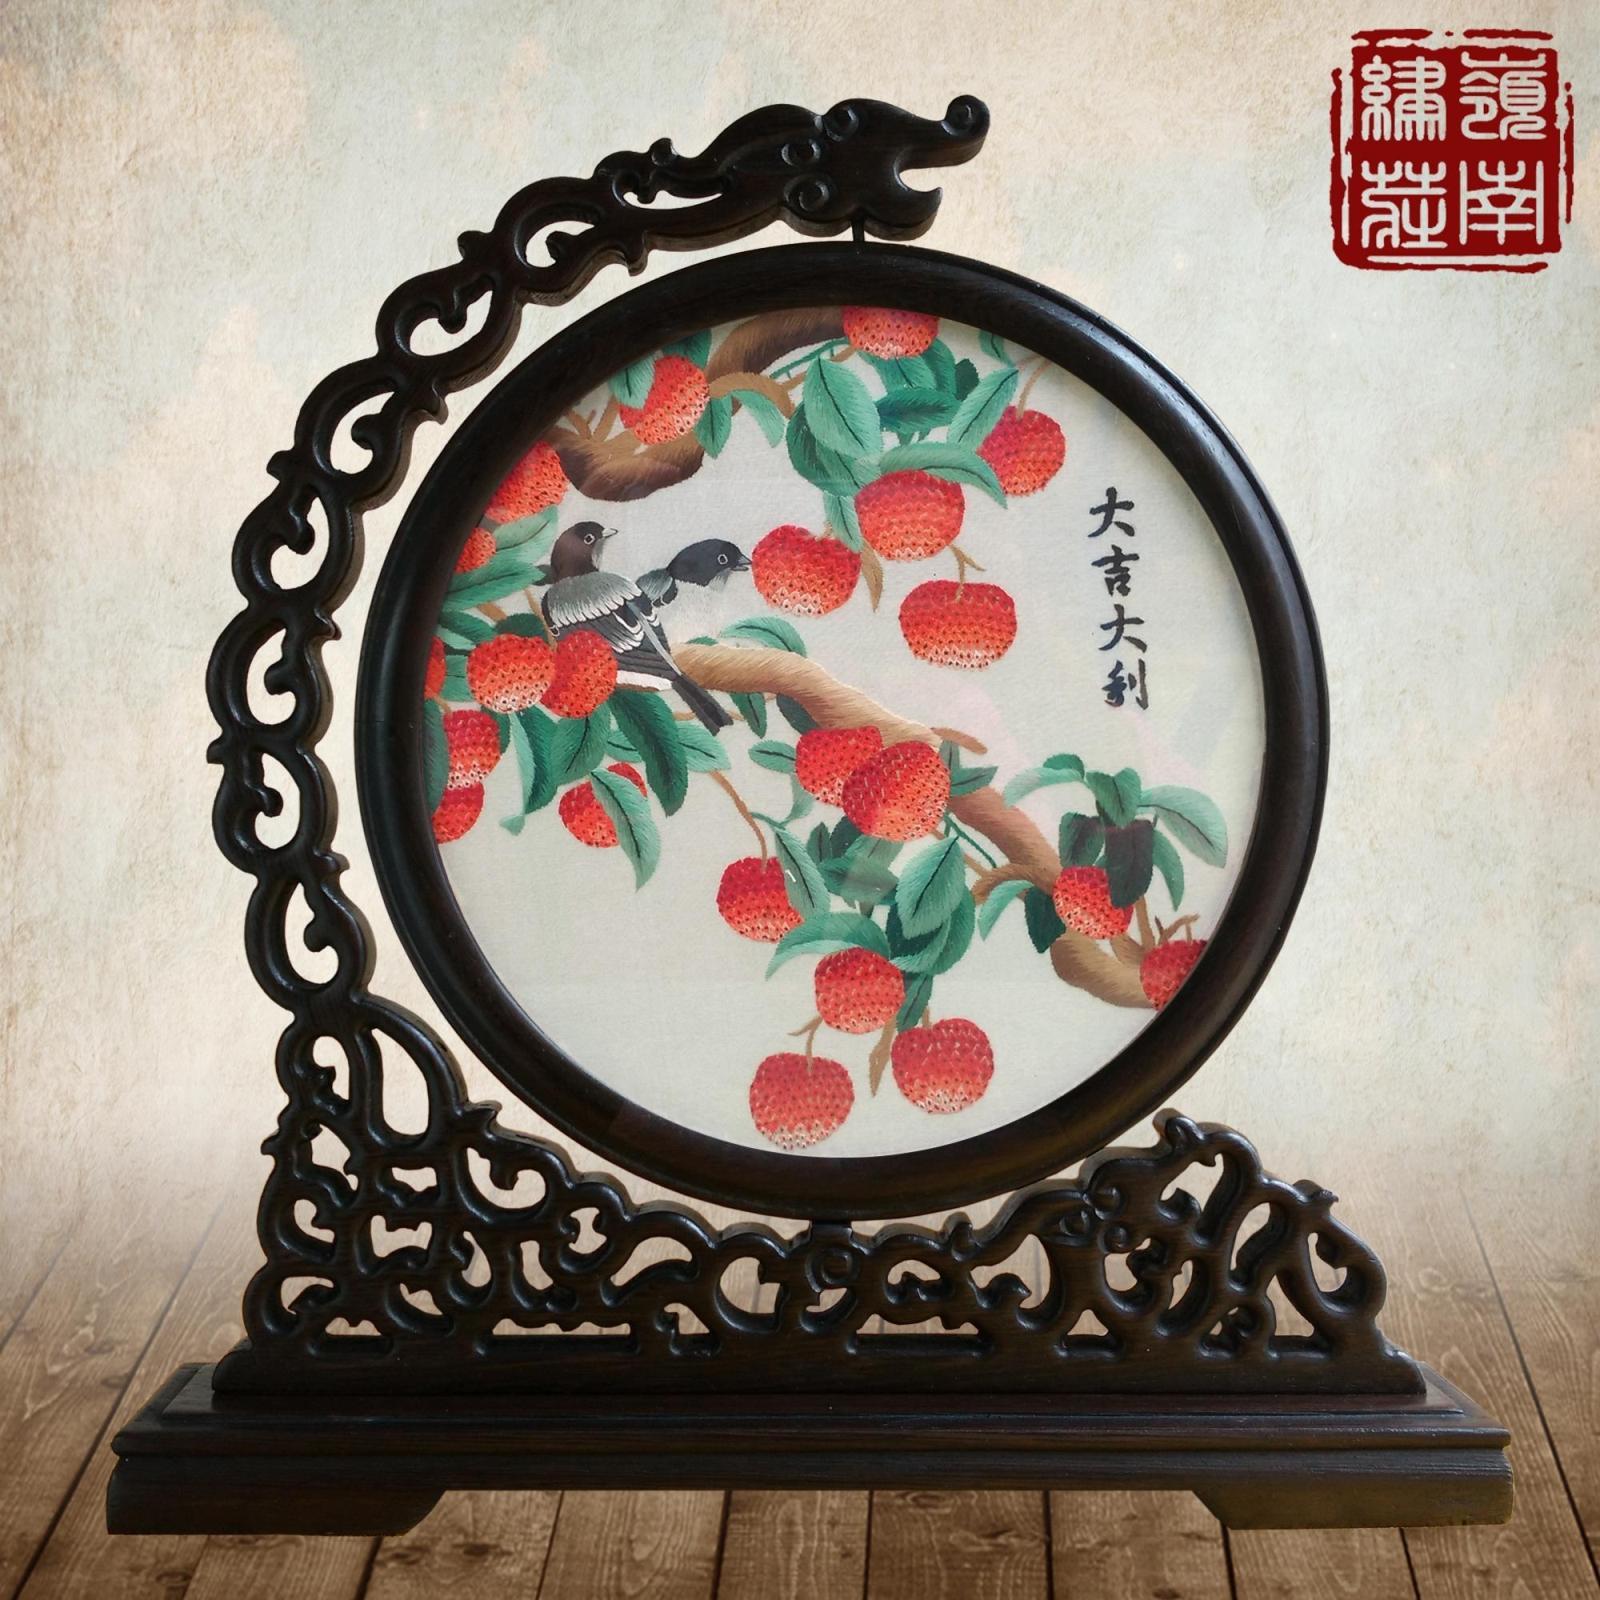 Широкий вышивать провинция гуандун вышивать чистый праздник середины осени подарок ручной работы вышивка ремесла товары поверхность вышивать древесины домой украшение вводить партнер подарок